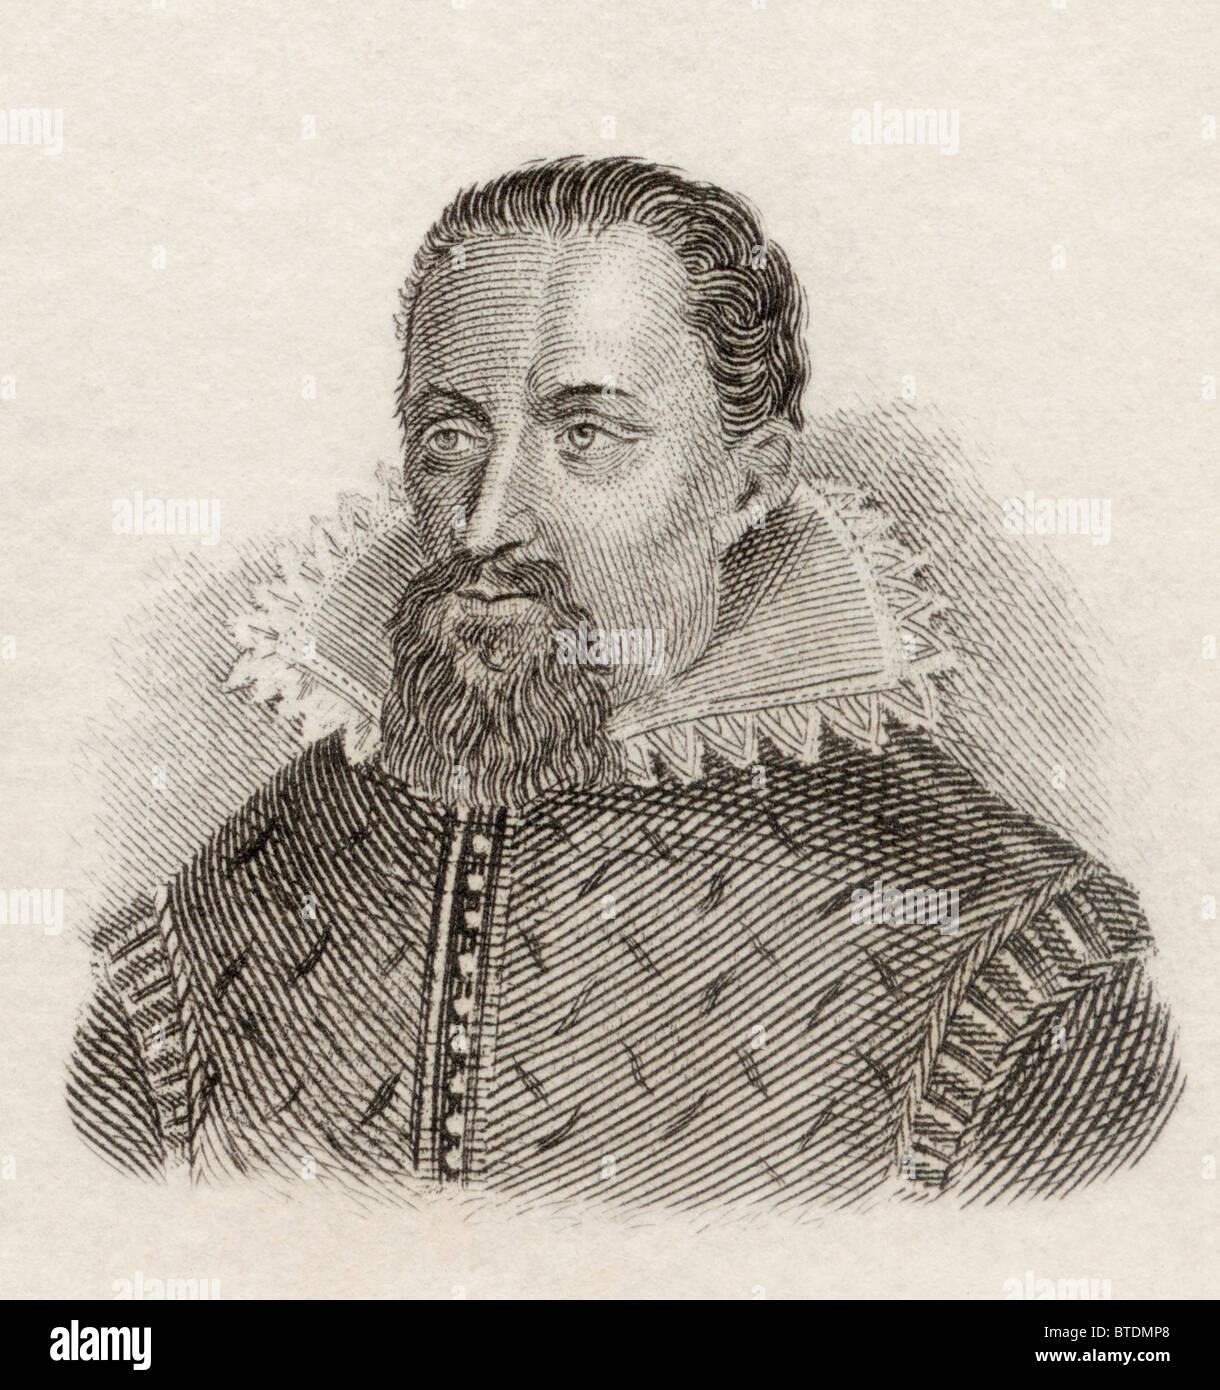 Johannes Kepler Stock Photos & Johannes Kepler Stock Images - Alamy